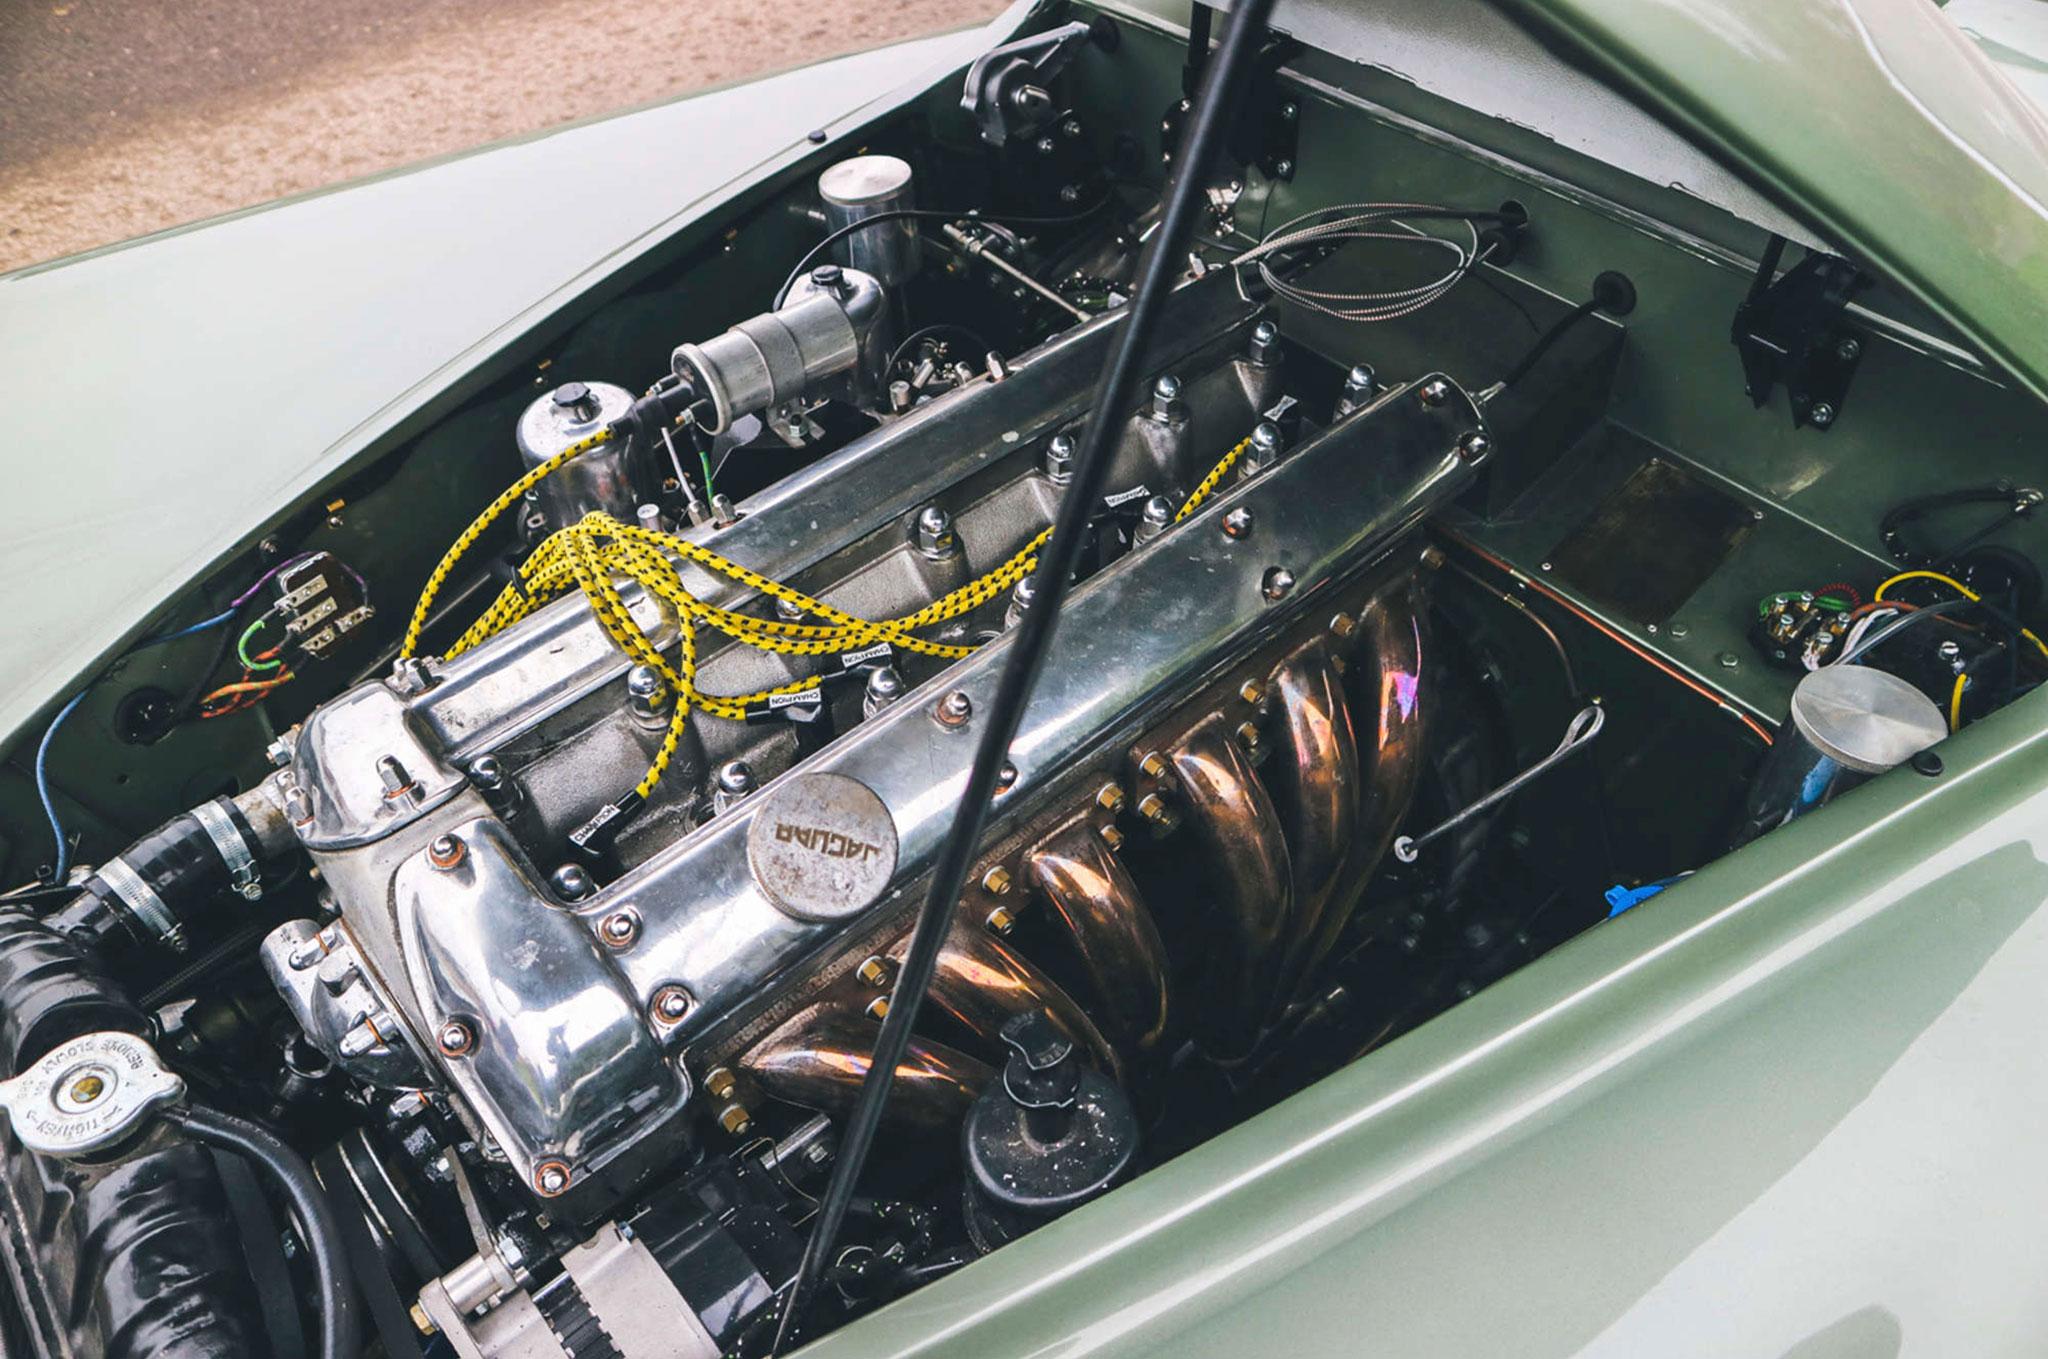 1952 Jaguar XK 120 OTS moteur 3.4-Litre 6 cylindres en ligne 265 chevaux